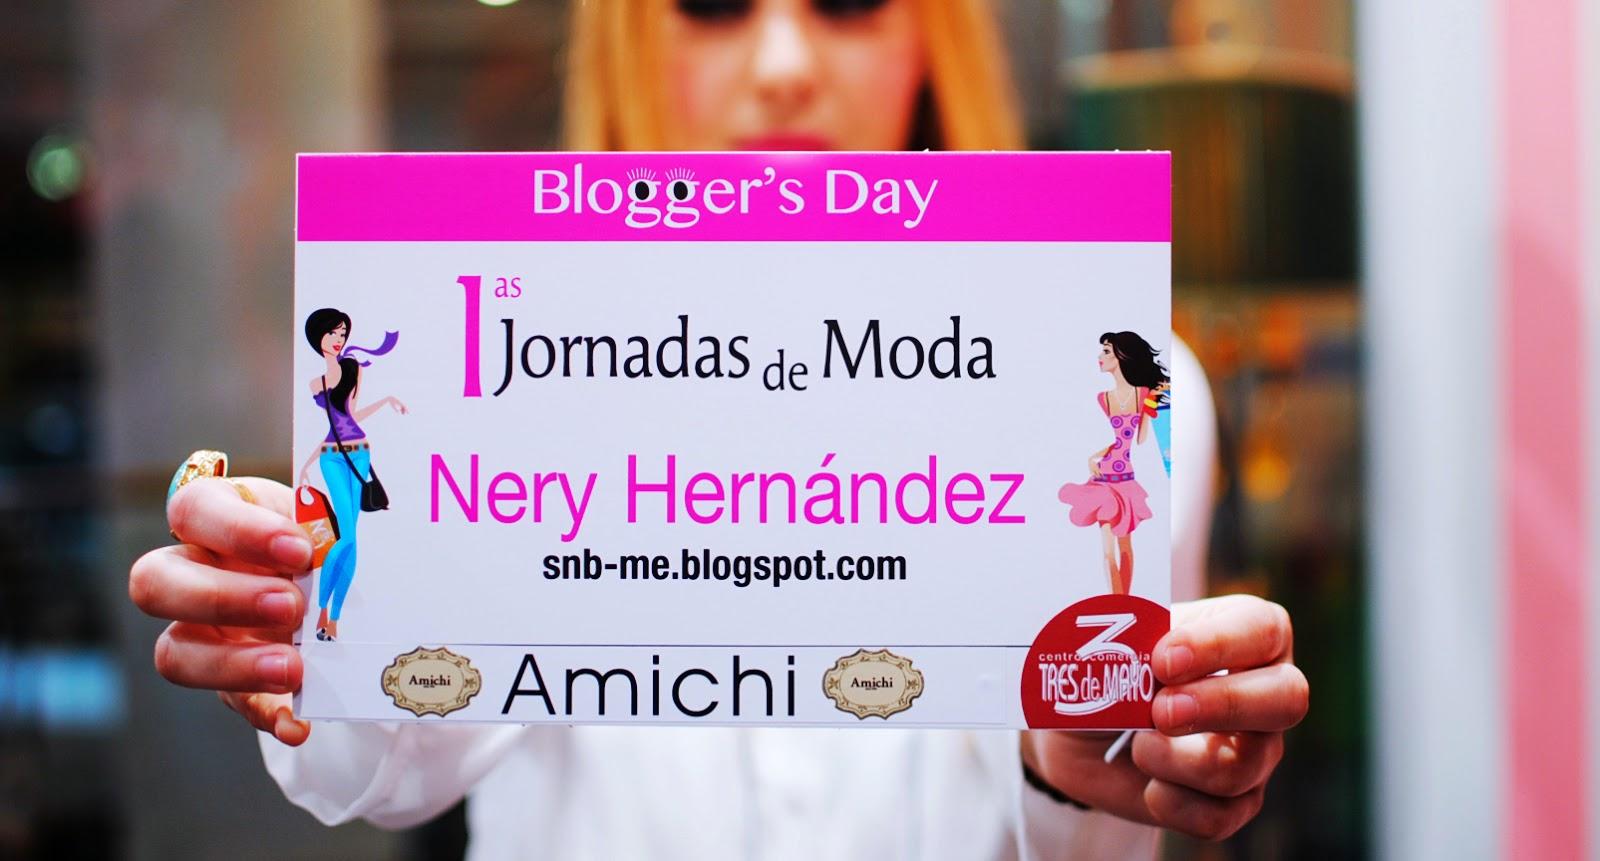 jornadas de moda tenerife, blogueras de moda tenerife, bloggers tenerife, blogueras teneirife, nery hdez